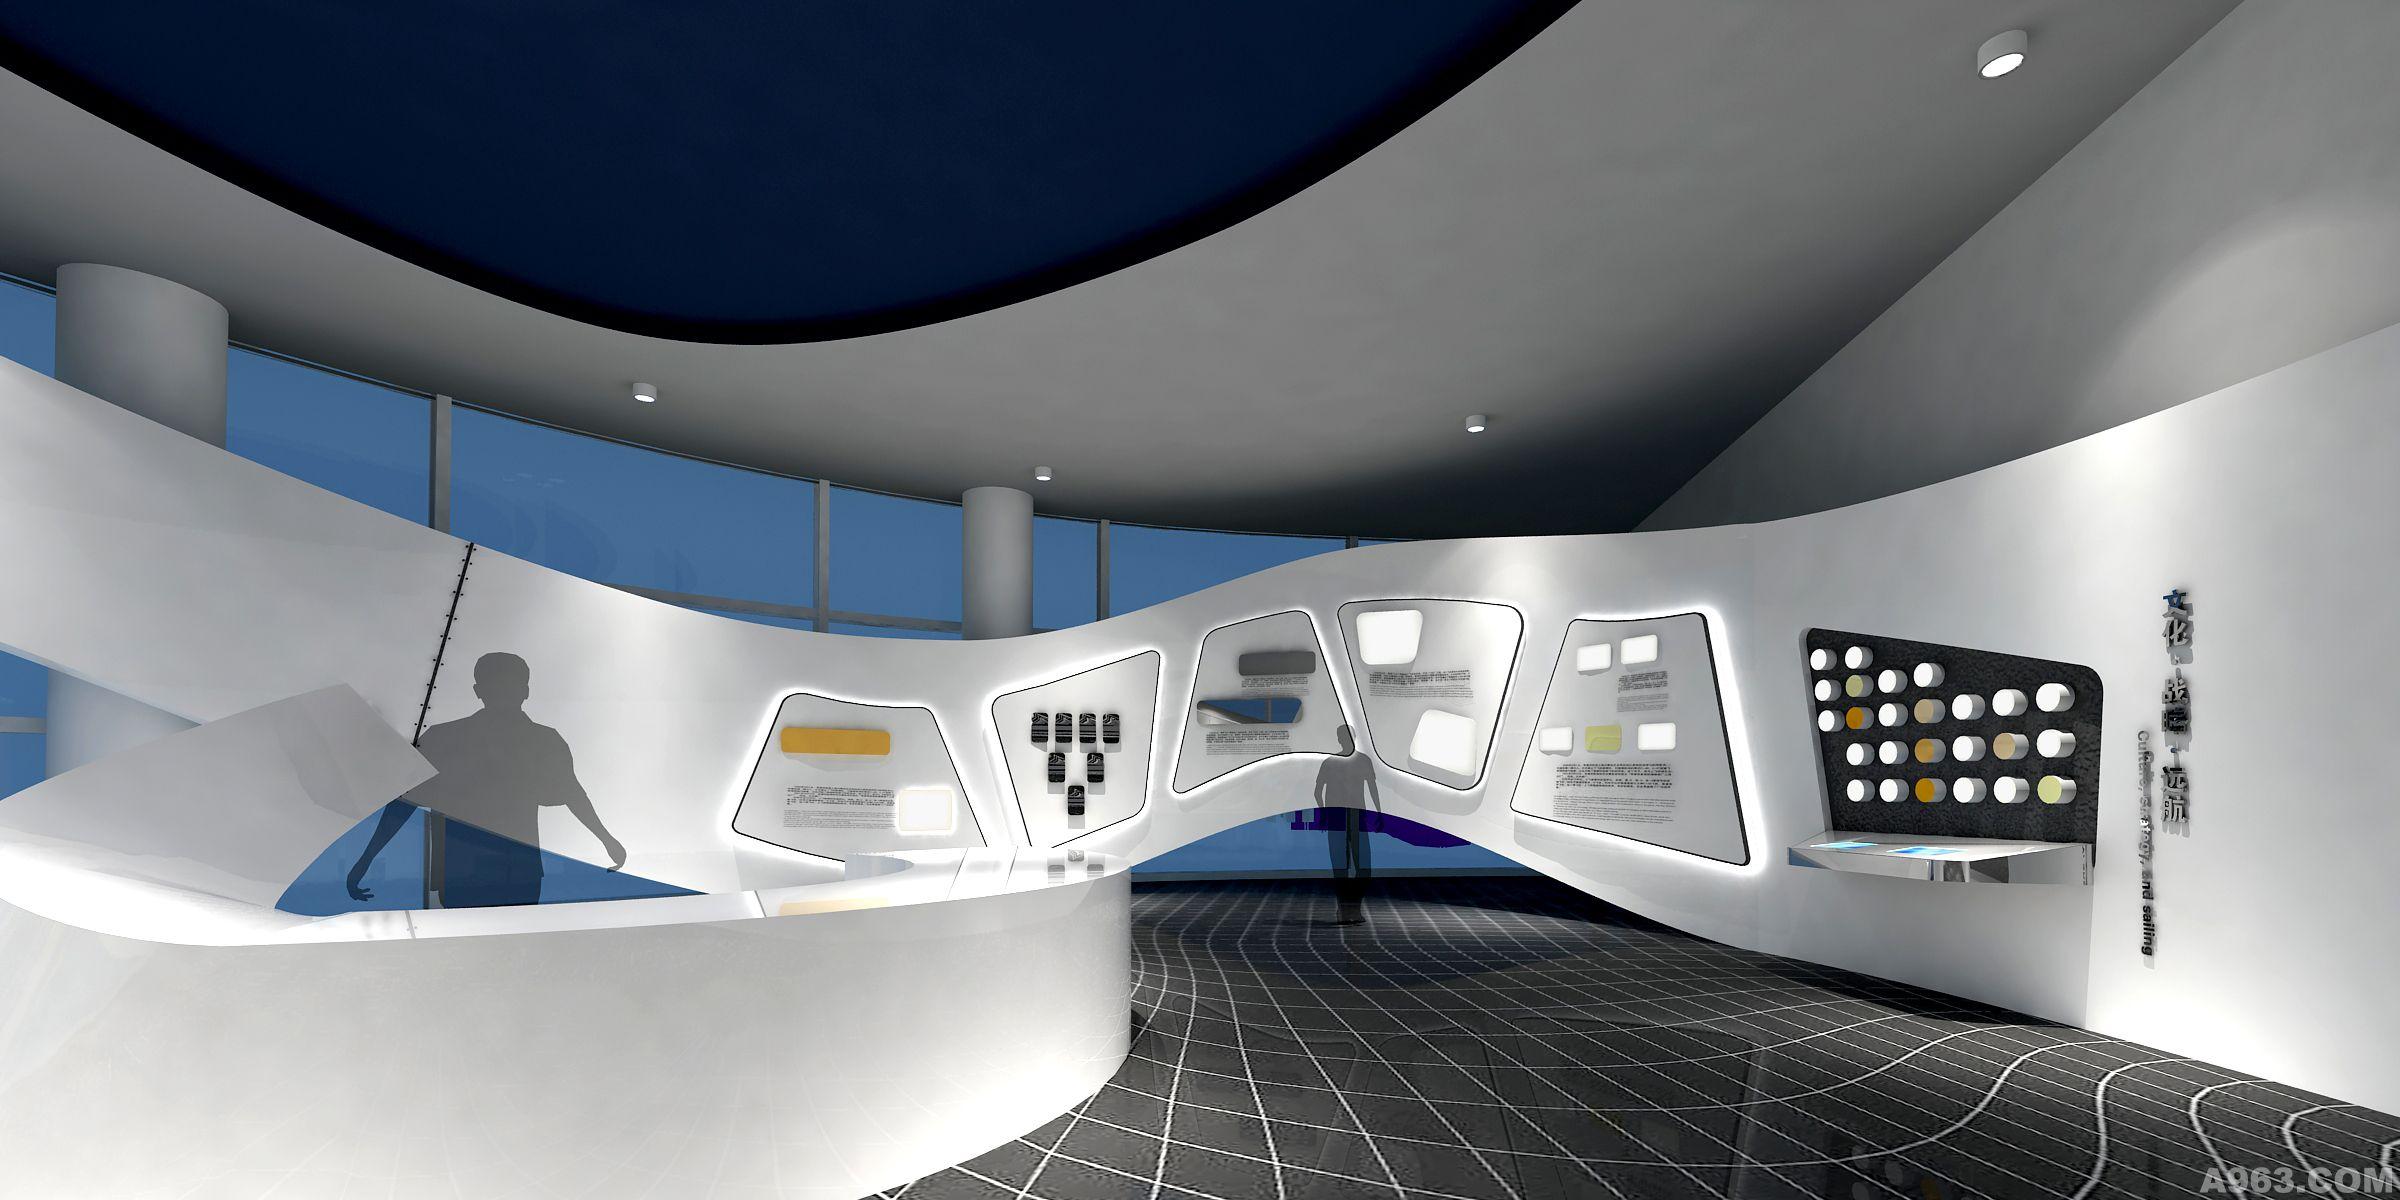 上海飞机制造公司大厅概念稿